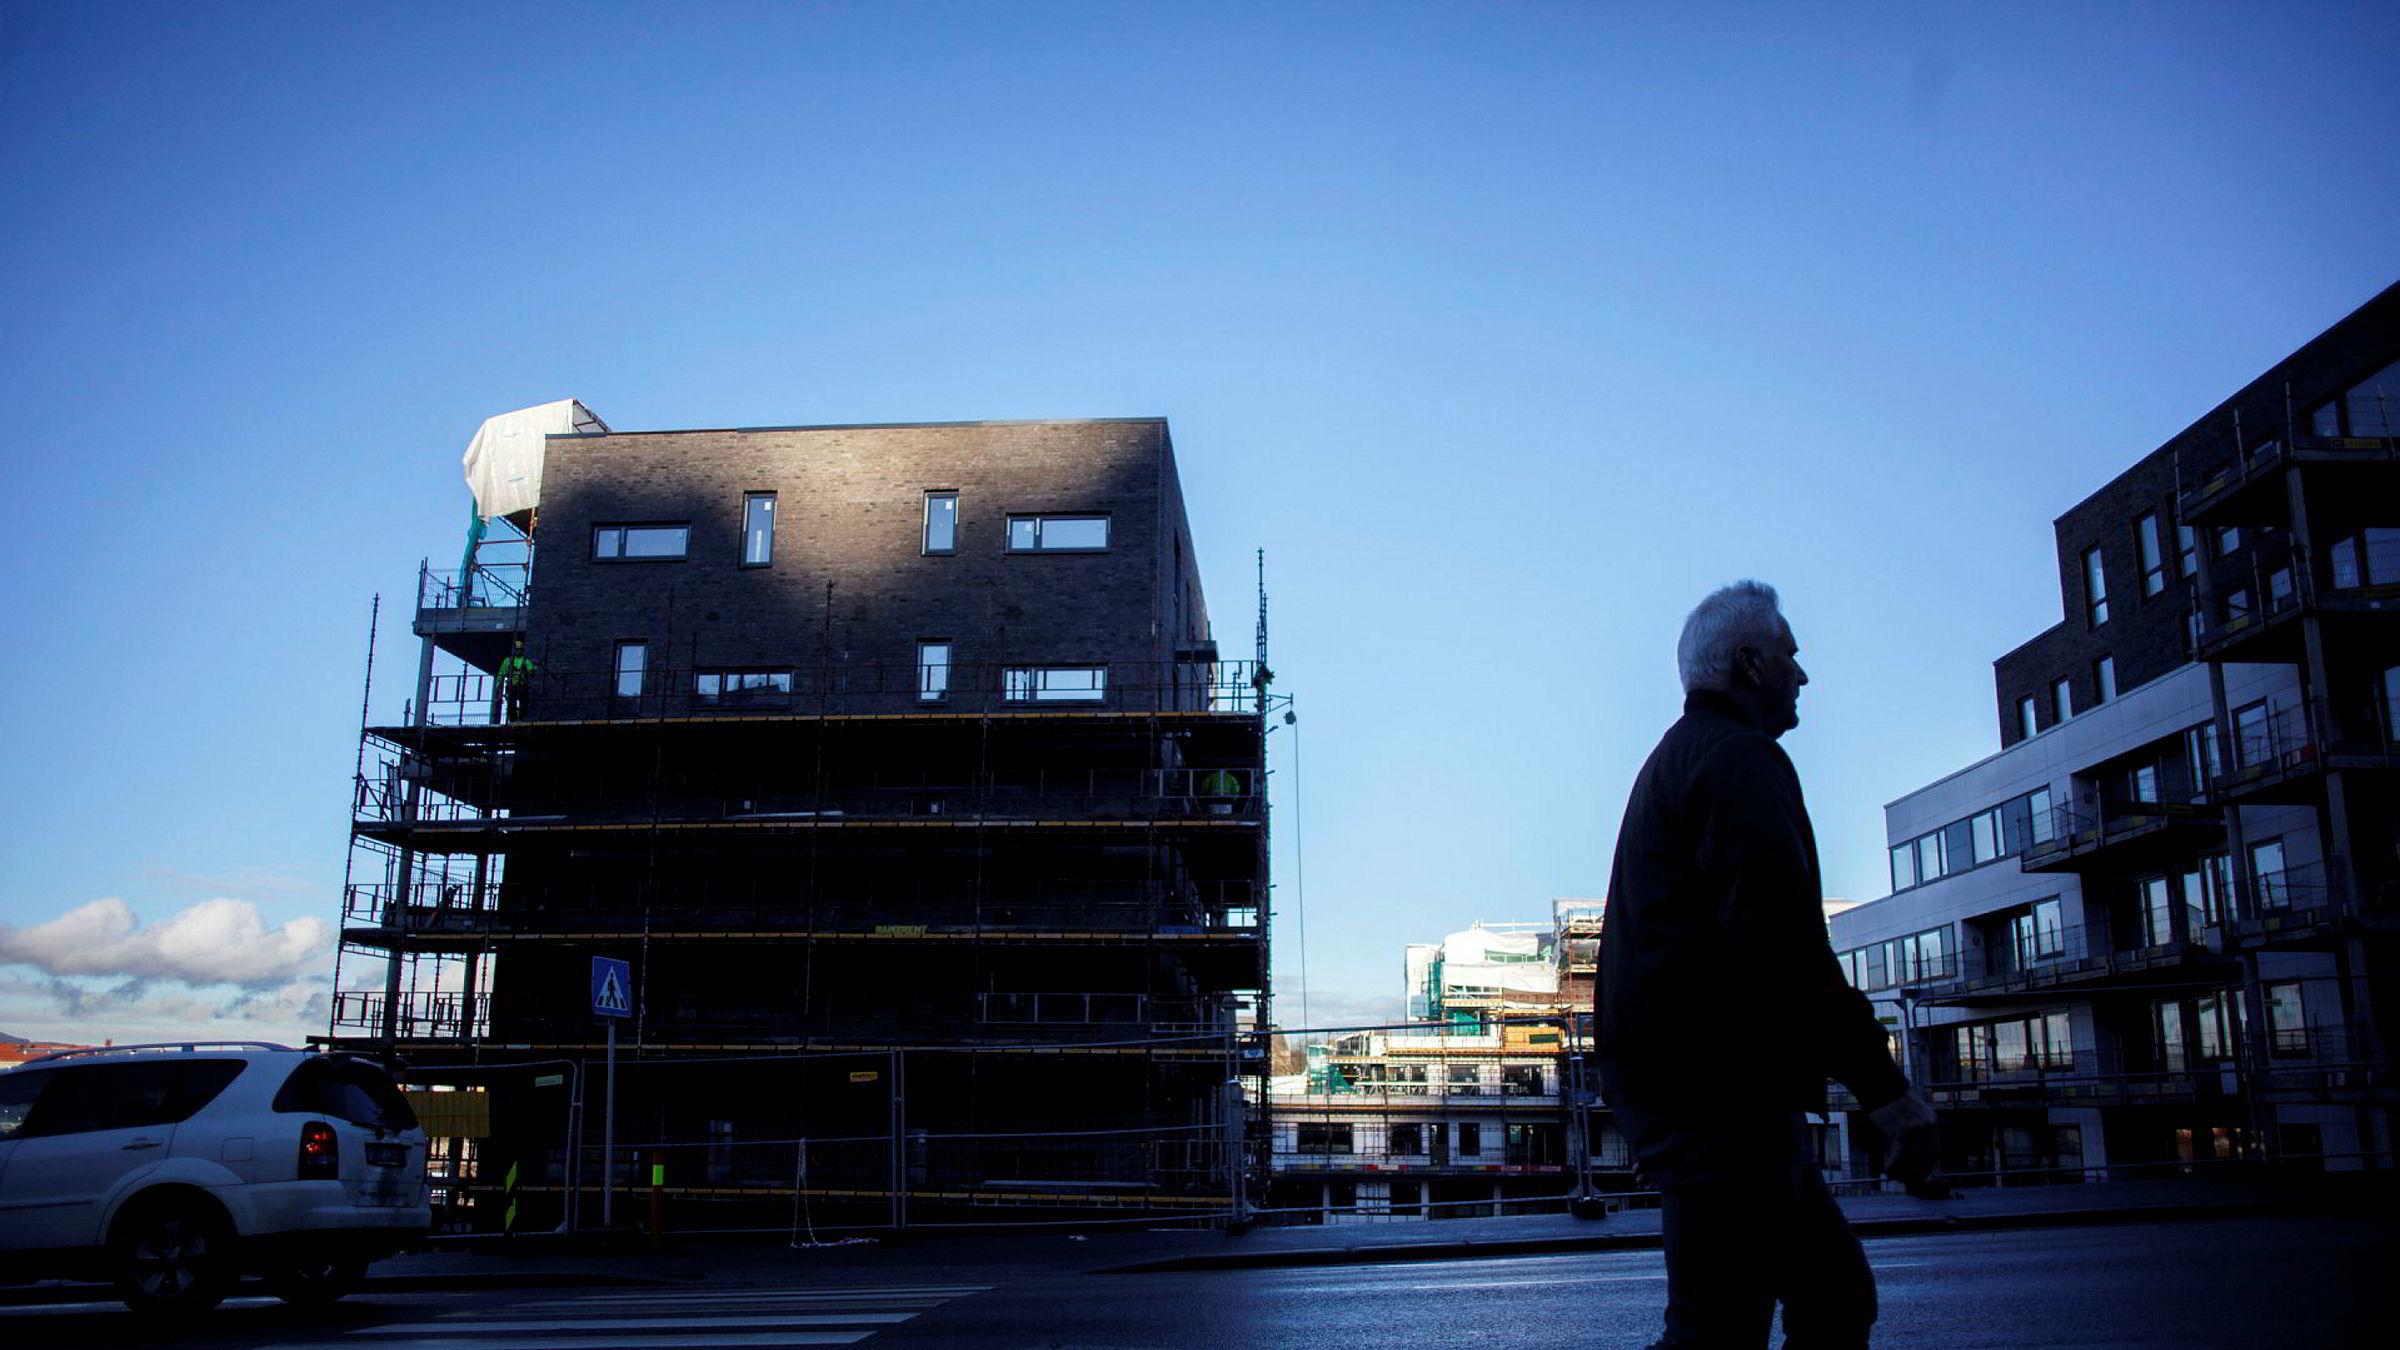 Bekymring rundt utviklingen i boligmarkedene i både Norge og Sverige har bidratt til store utslag i den norske kronen denne uken.